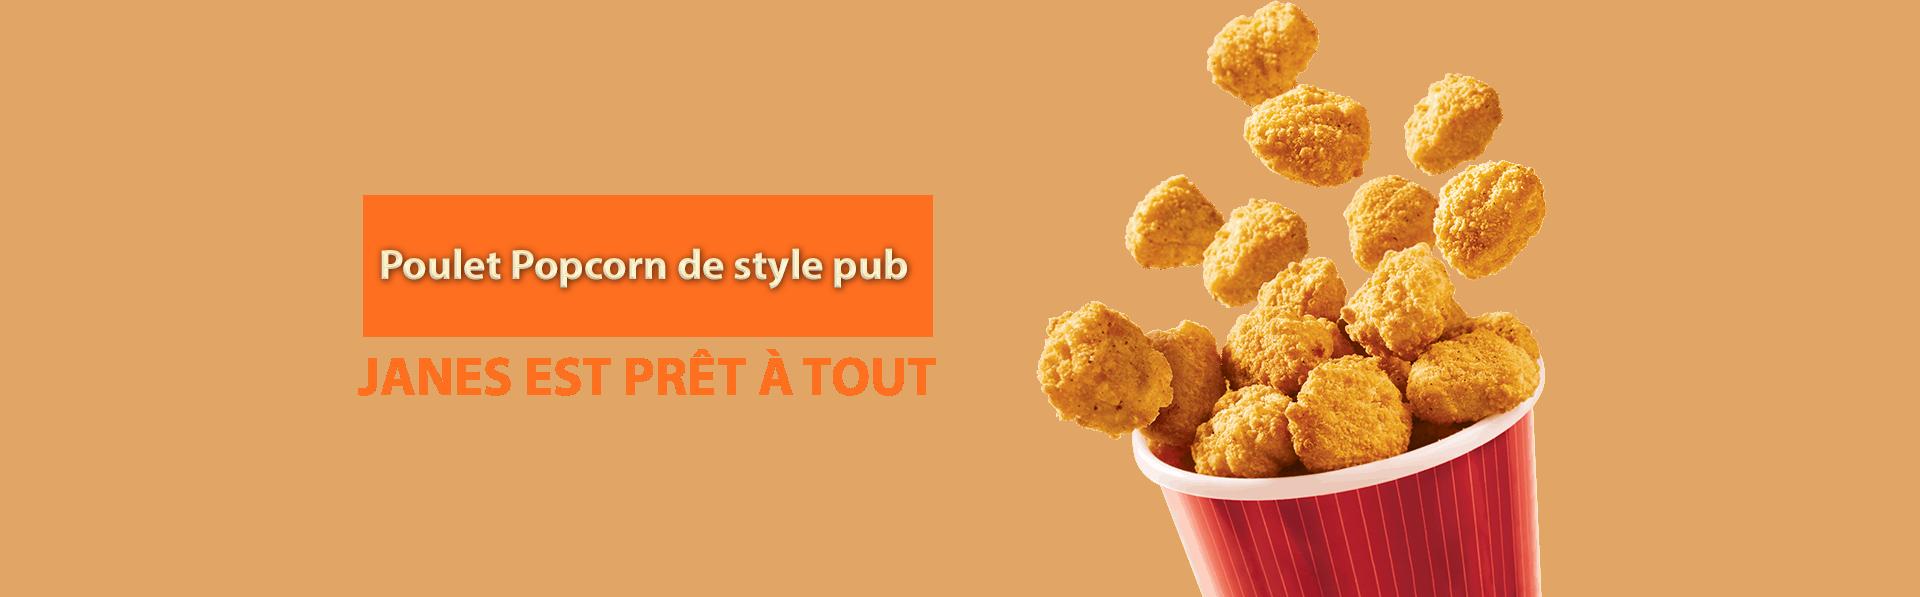 Poulet Popcorn de style pub